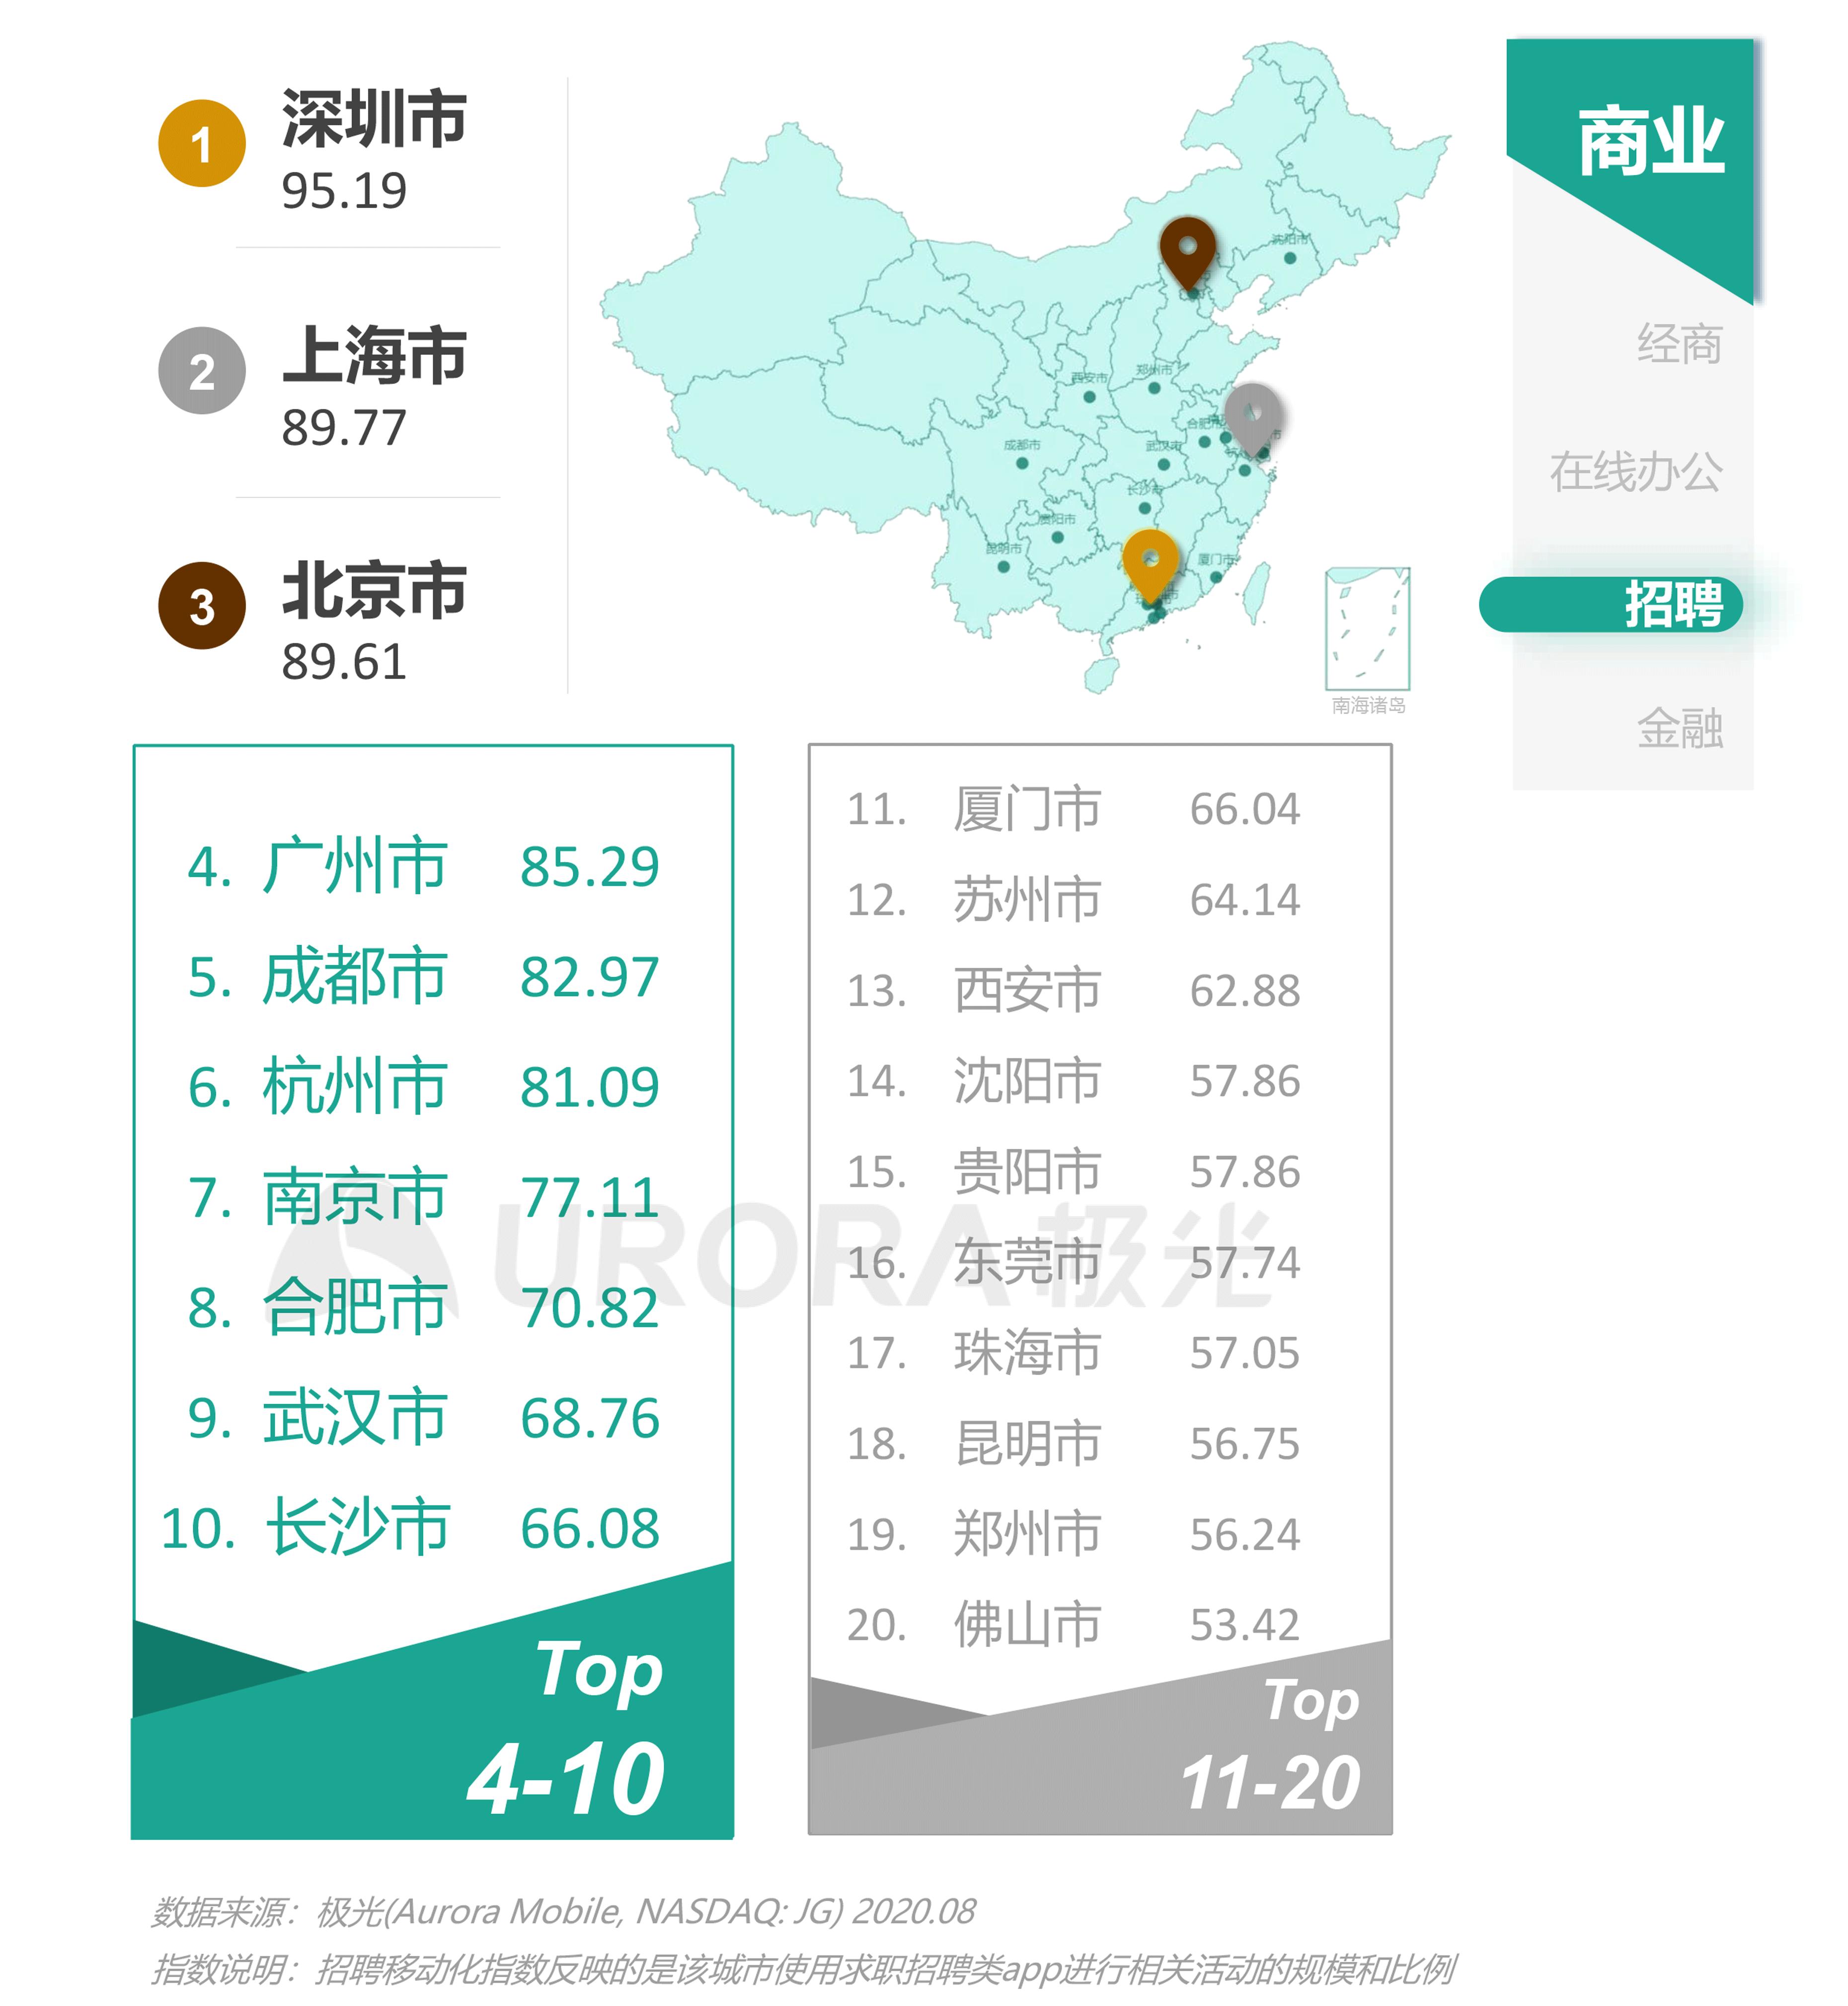 极光:互联网城市榜单 (36).png